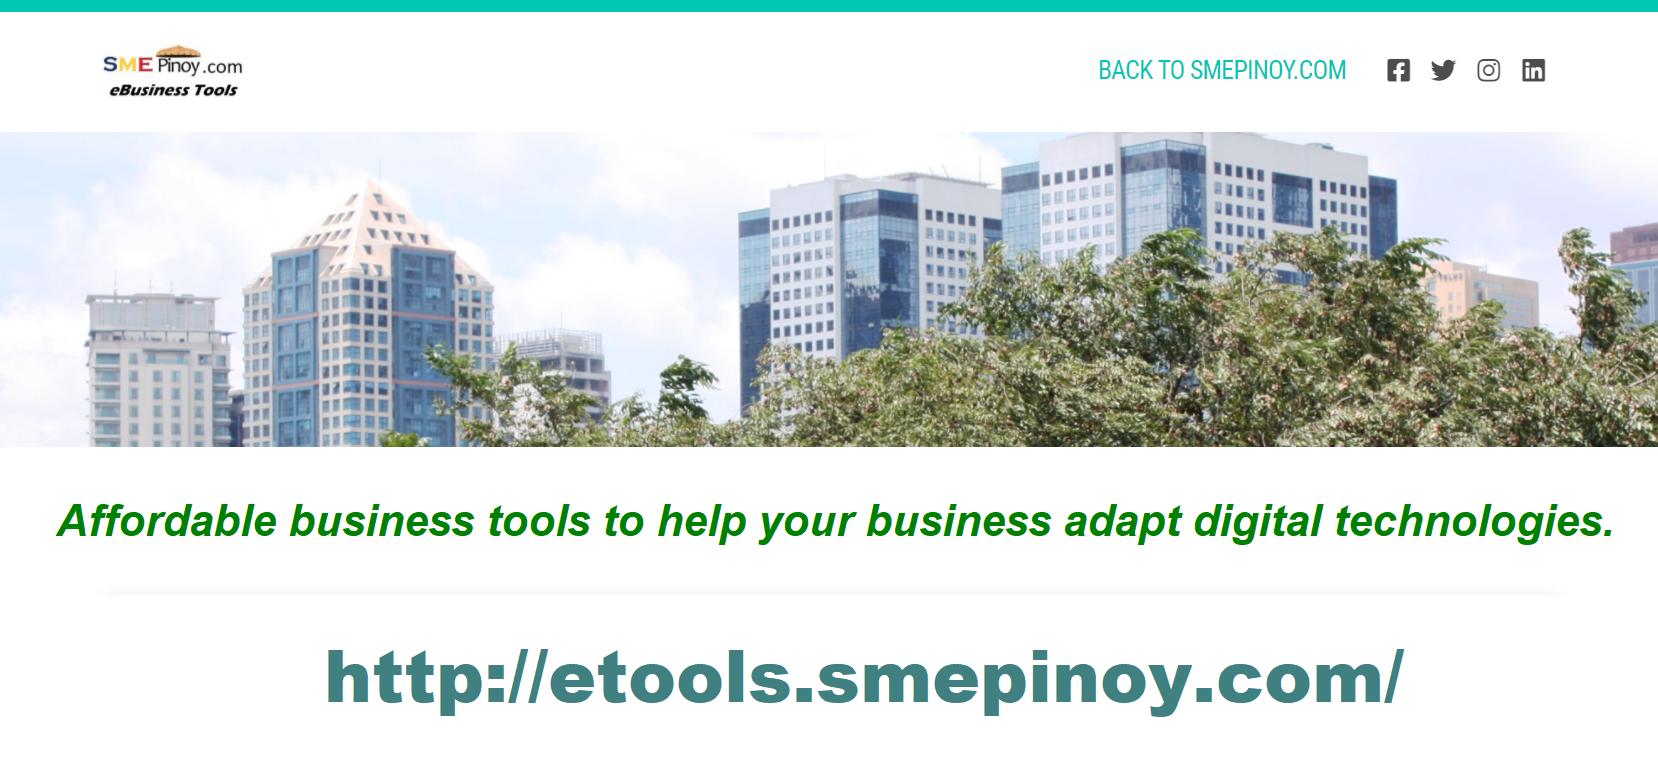 smepinoy etools ad